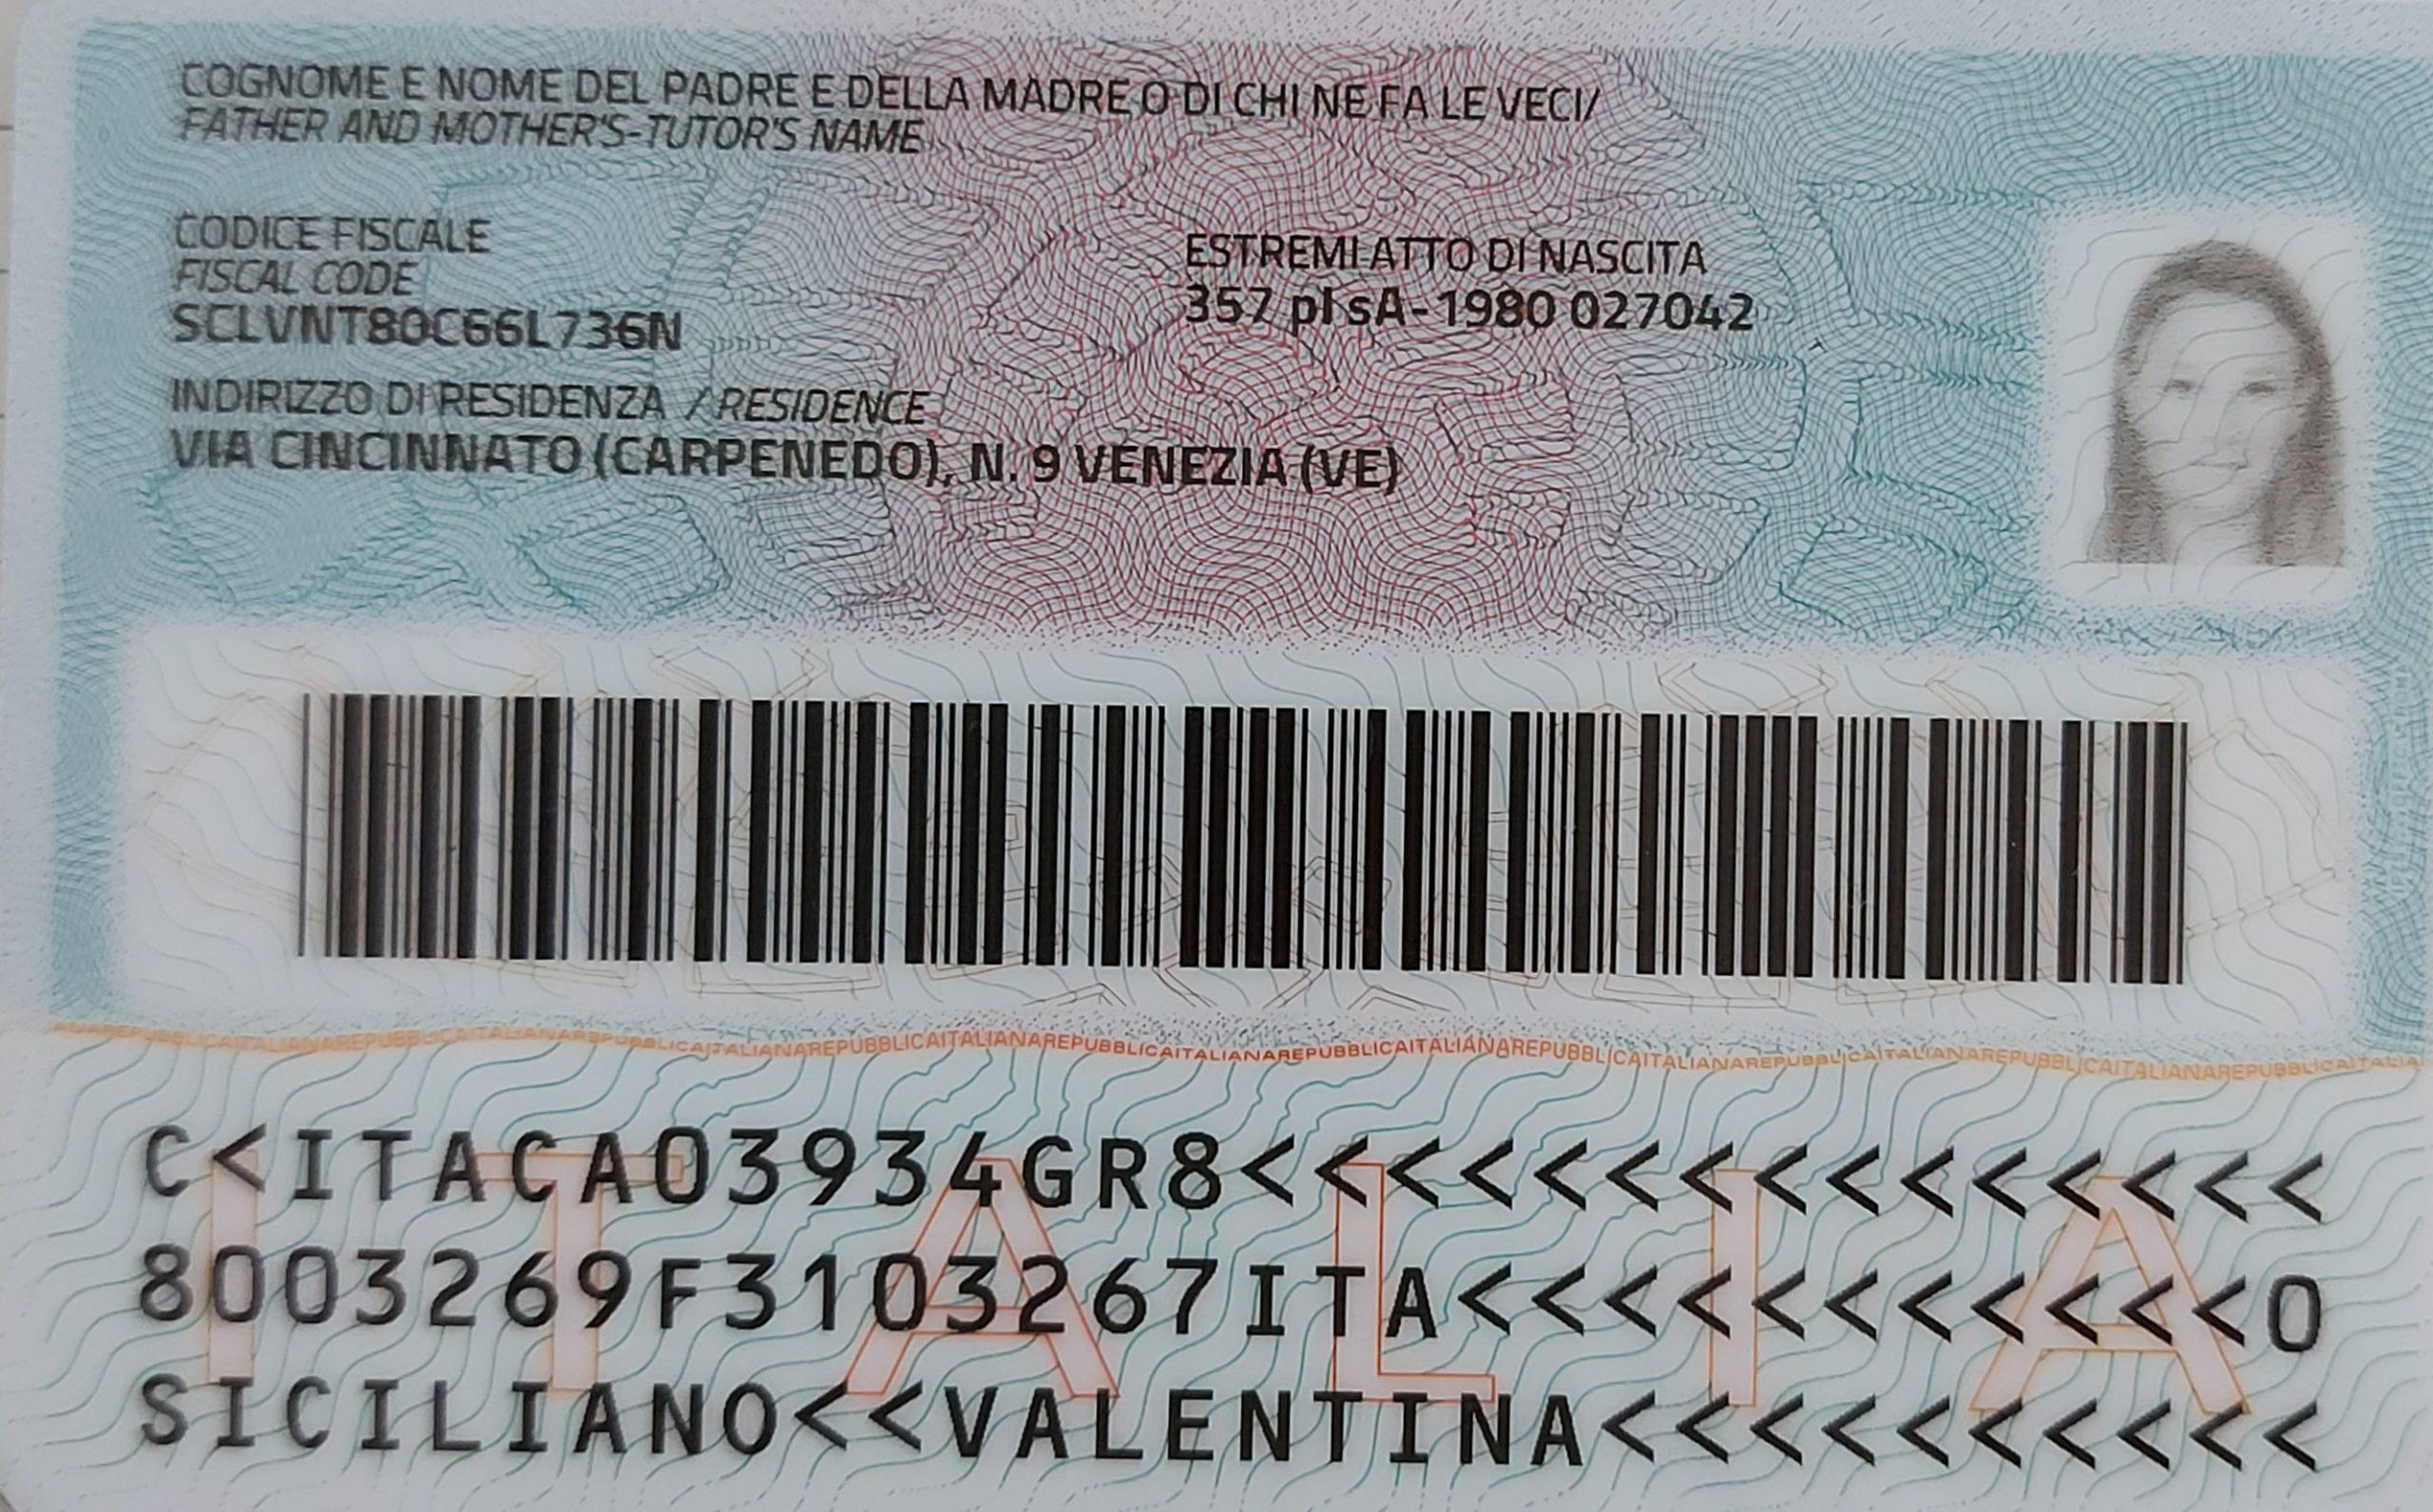 Carta identità Valentinasiciliano retro